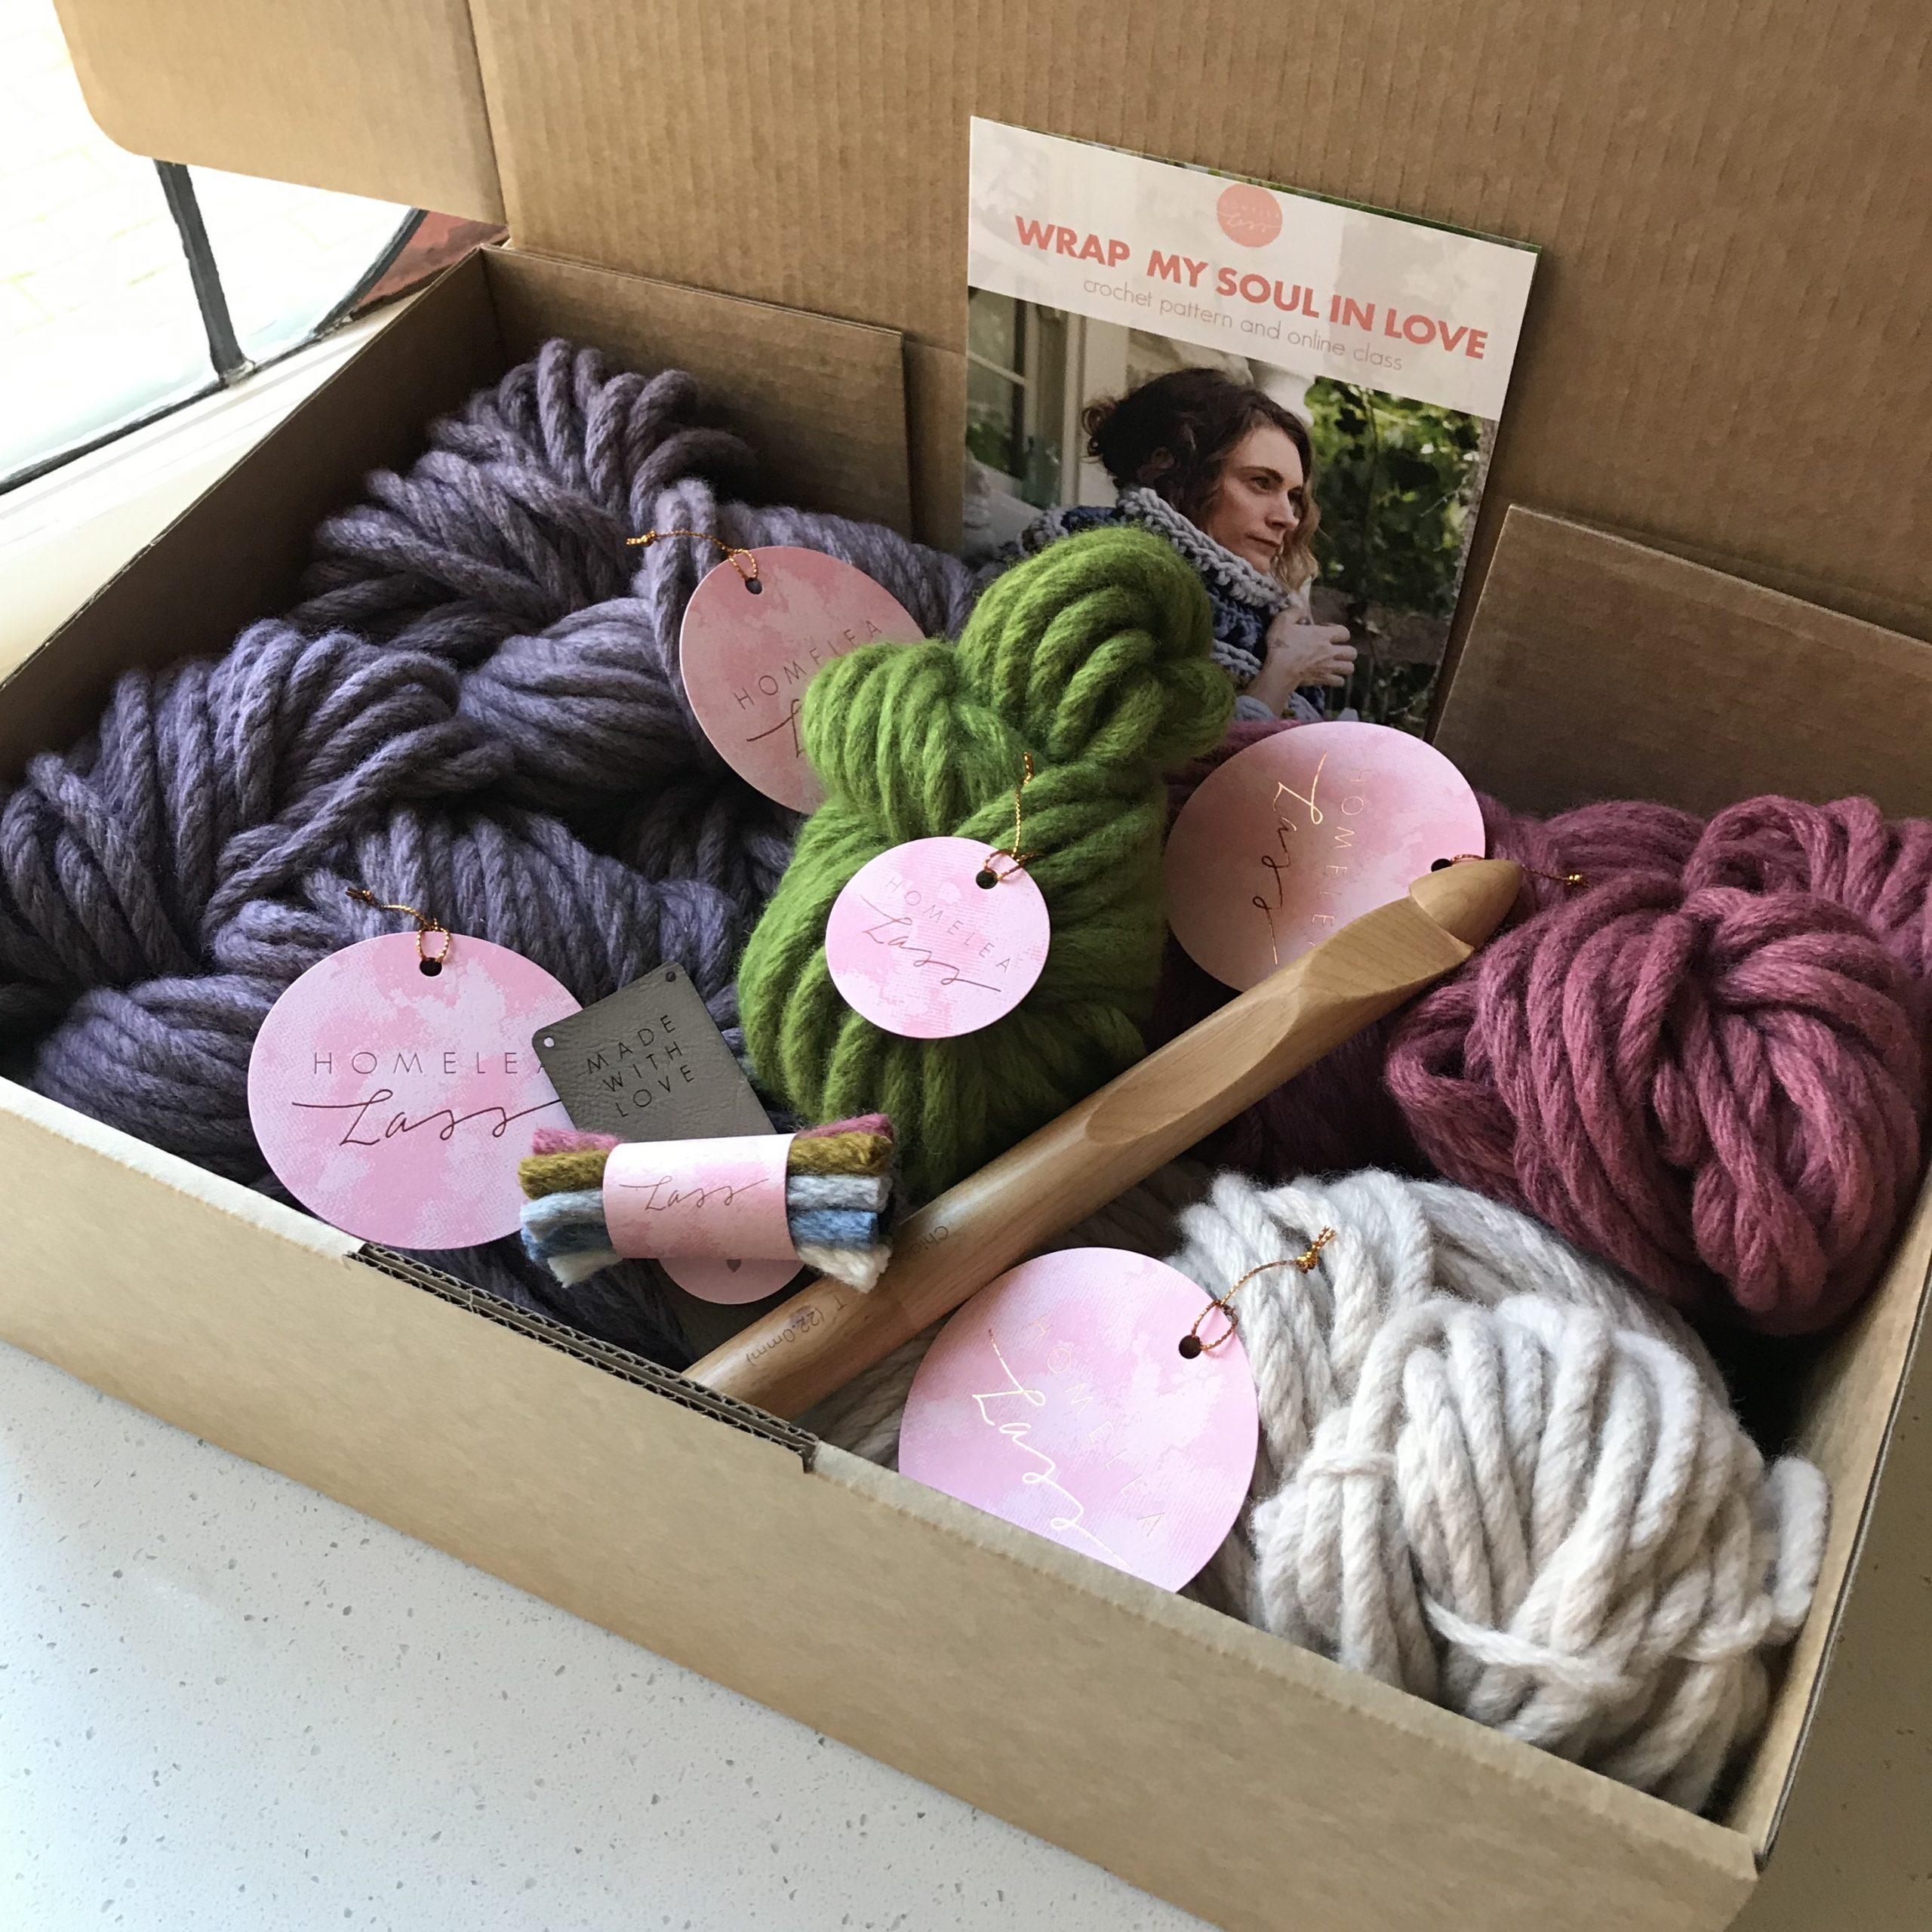 Wrap My Soul In Love Kit  | Homelea Lass